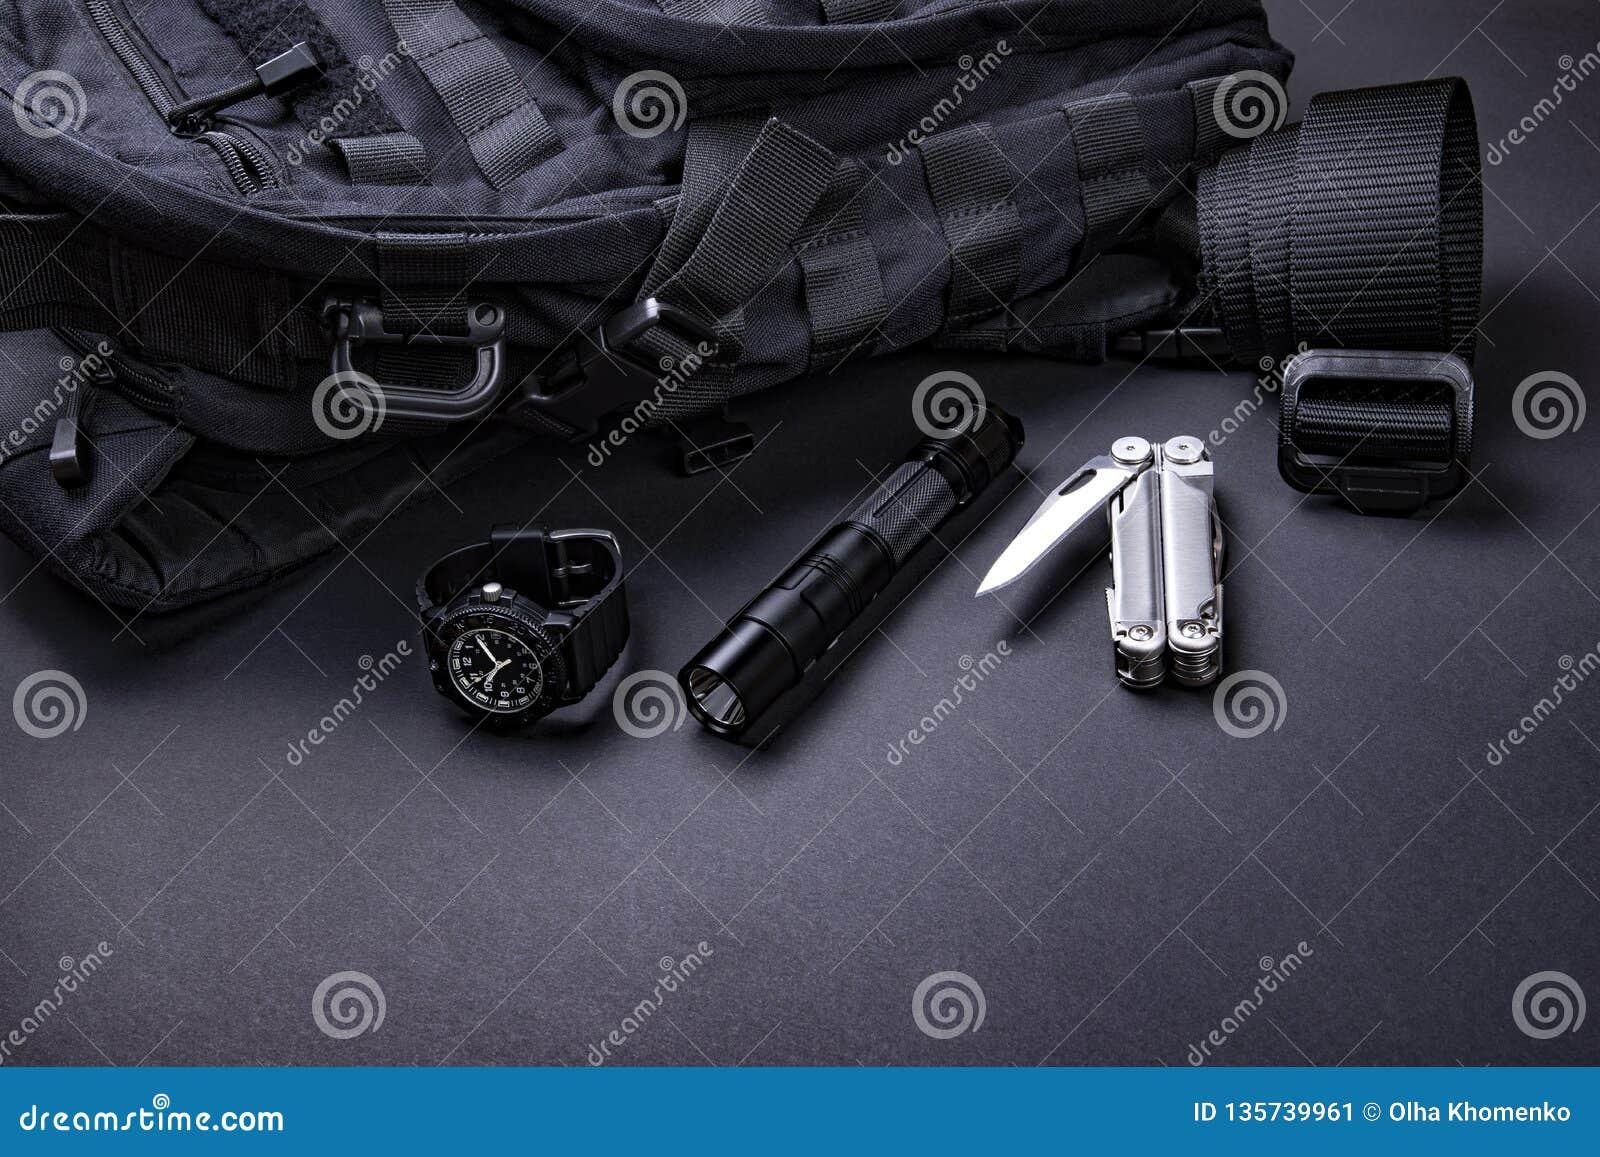 Codzienny niesie EDC rzeczy dla mężczyzn plecak, taktyczny pasek, latarka, zegarek i srebny wielo- narzędzie w czarnym kolorze -,